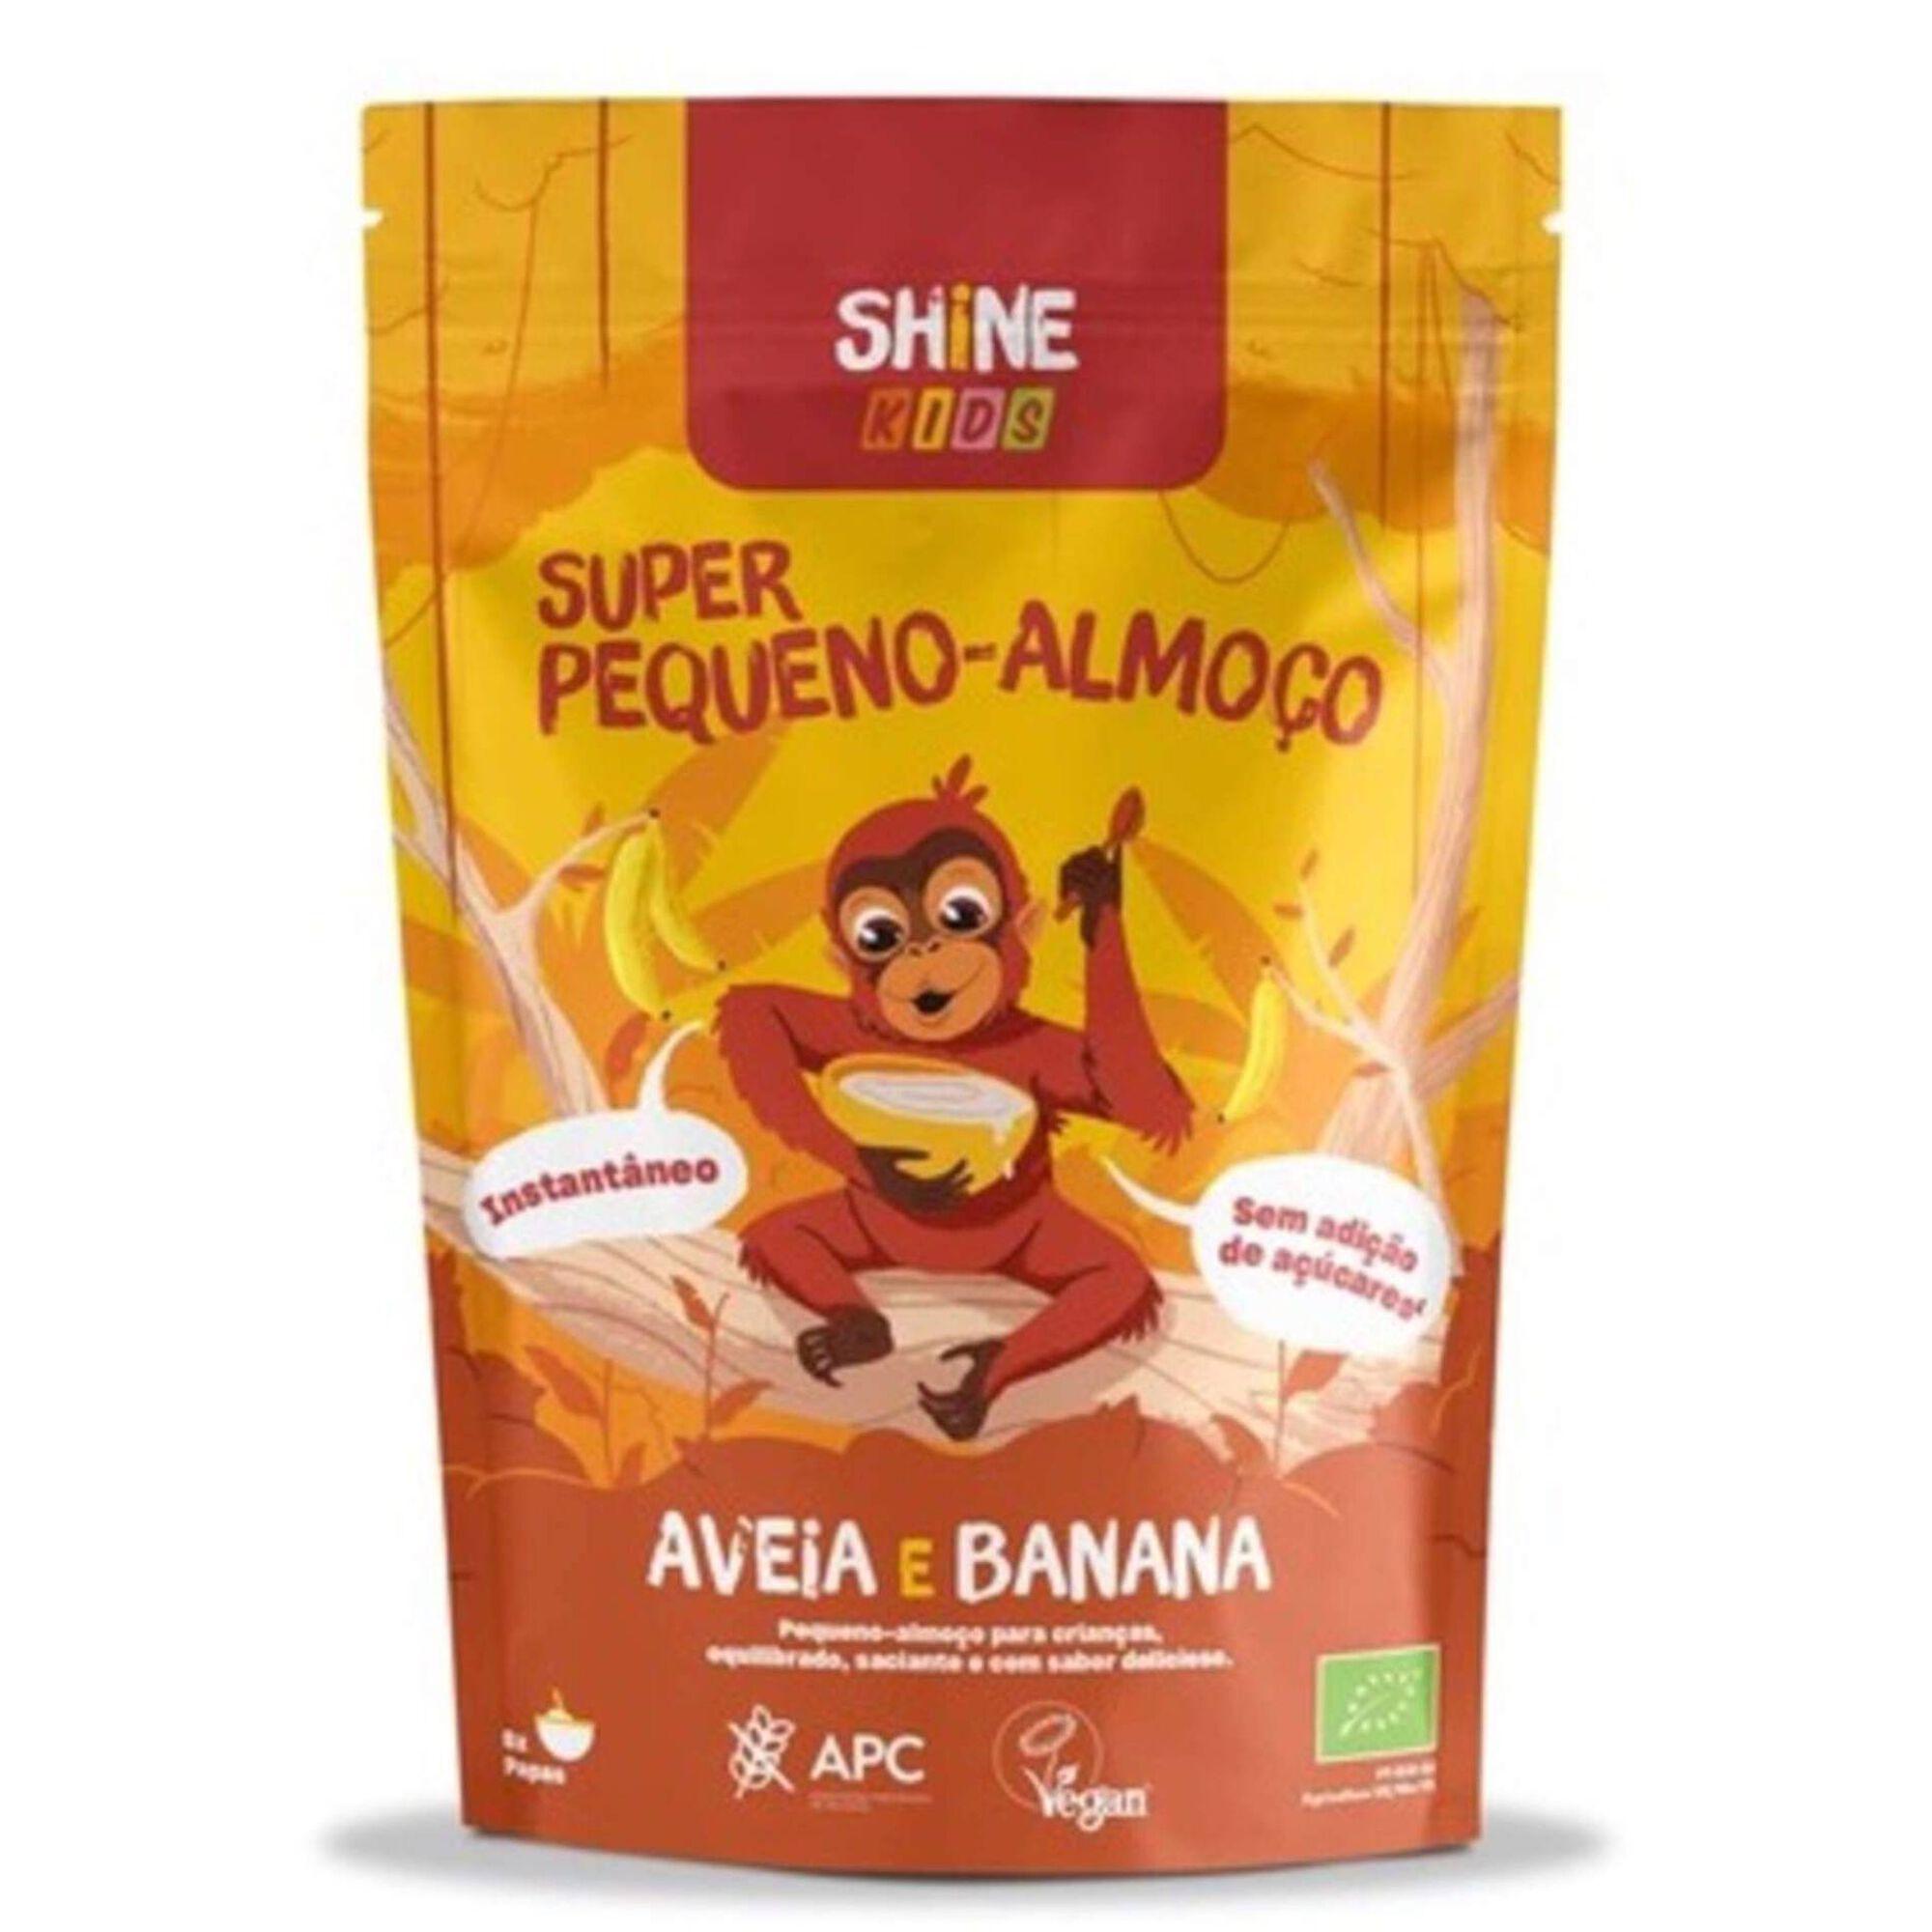 Super Pequeno Almoço Aveia e Banana Kids sem Glúten Biológico